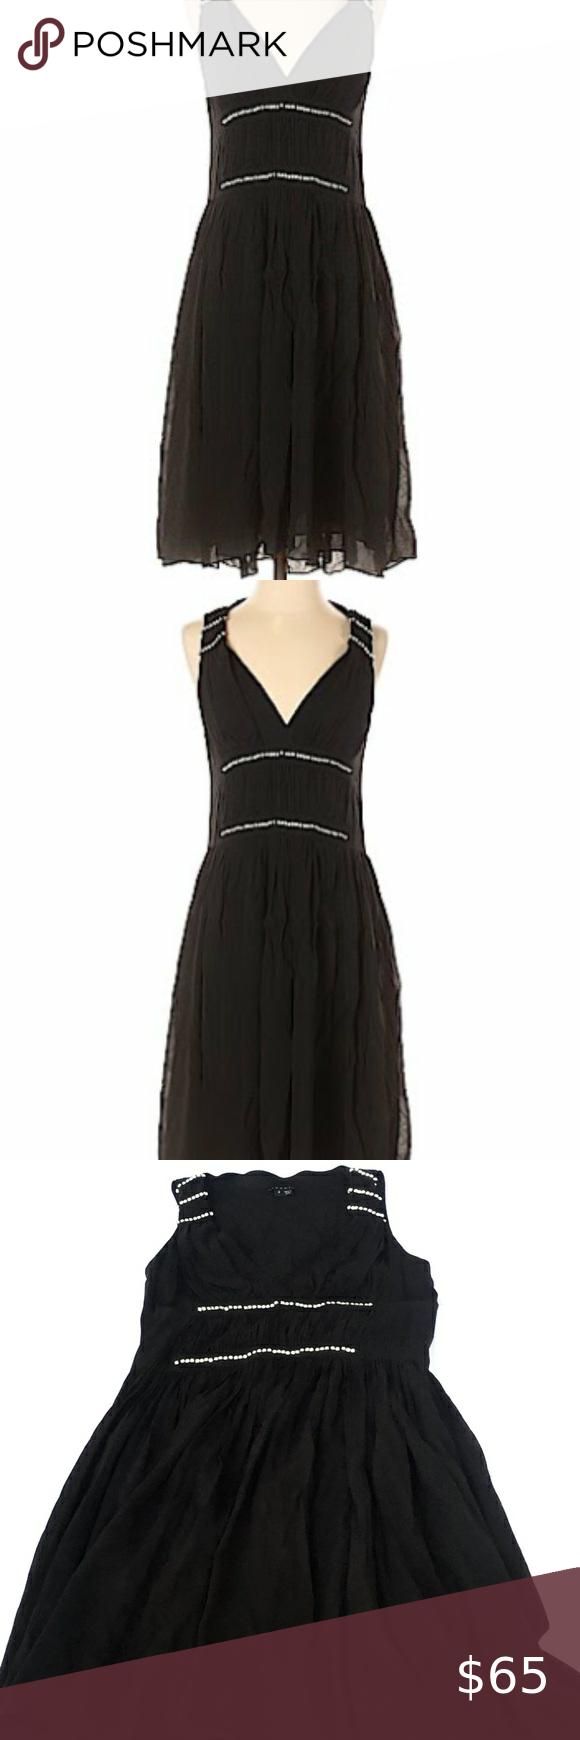 Black Midi Dress Finds Glam Dresses Textured Dress Trendy Dresses [ 1137 x 972 Pixel ]